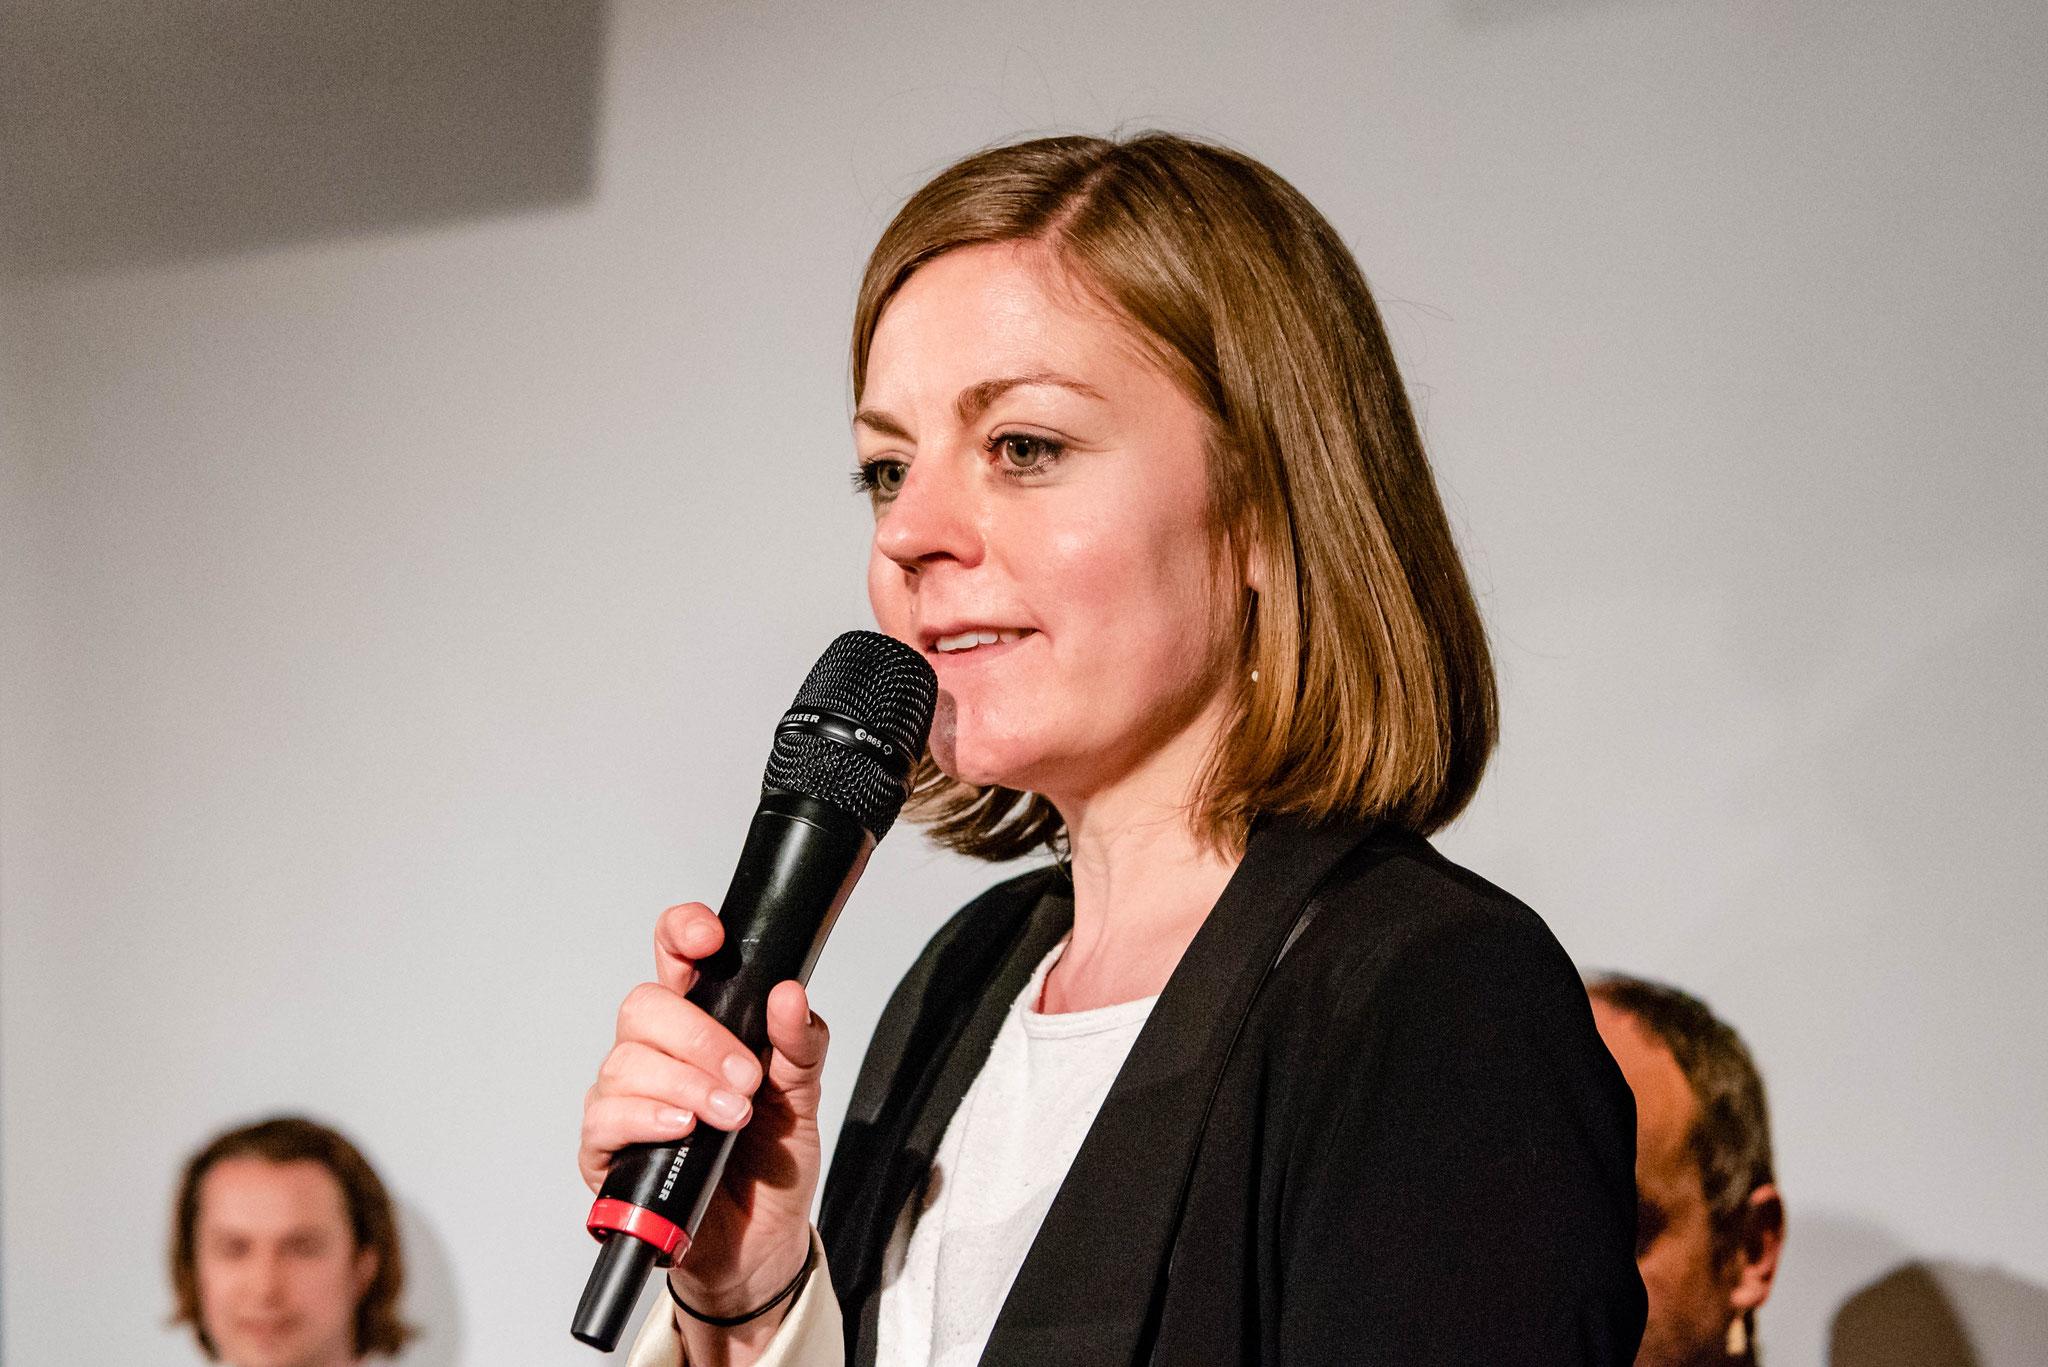 Stefanie Schüpbach (Stellvertrendene Geschäftsführerin Polit-Forum Bern)